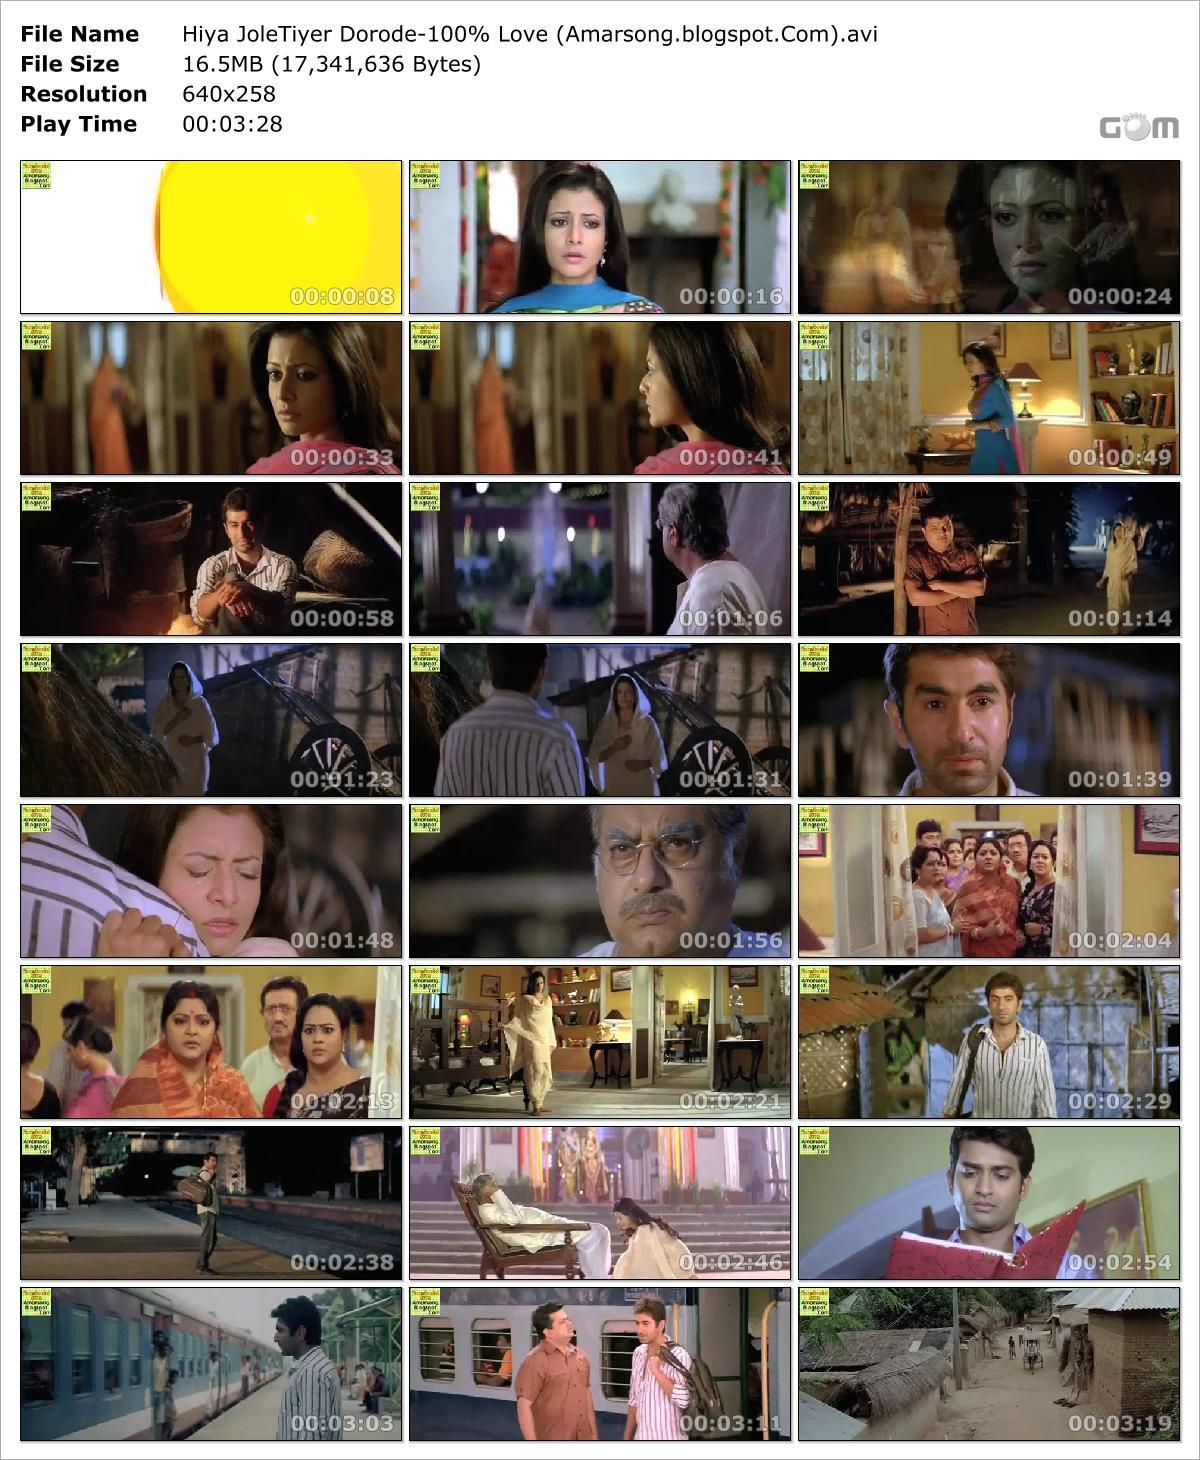 Hiya Jole Tiyer Dorode HD Video Download (100% Love)